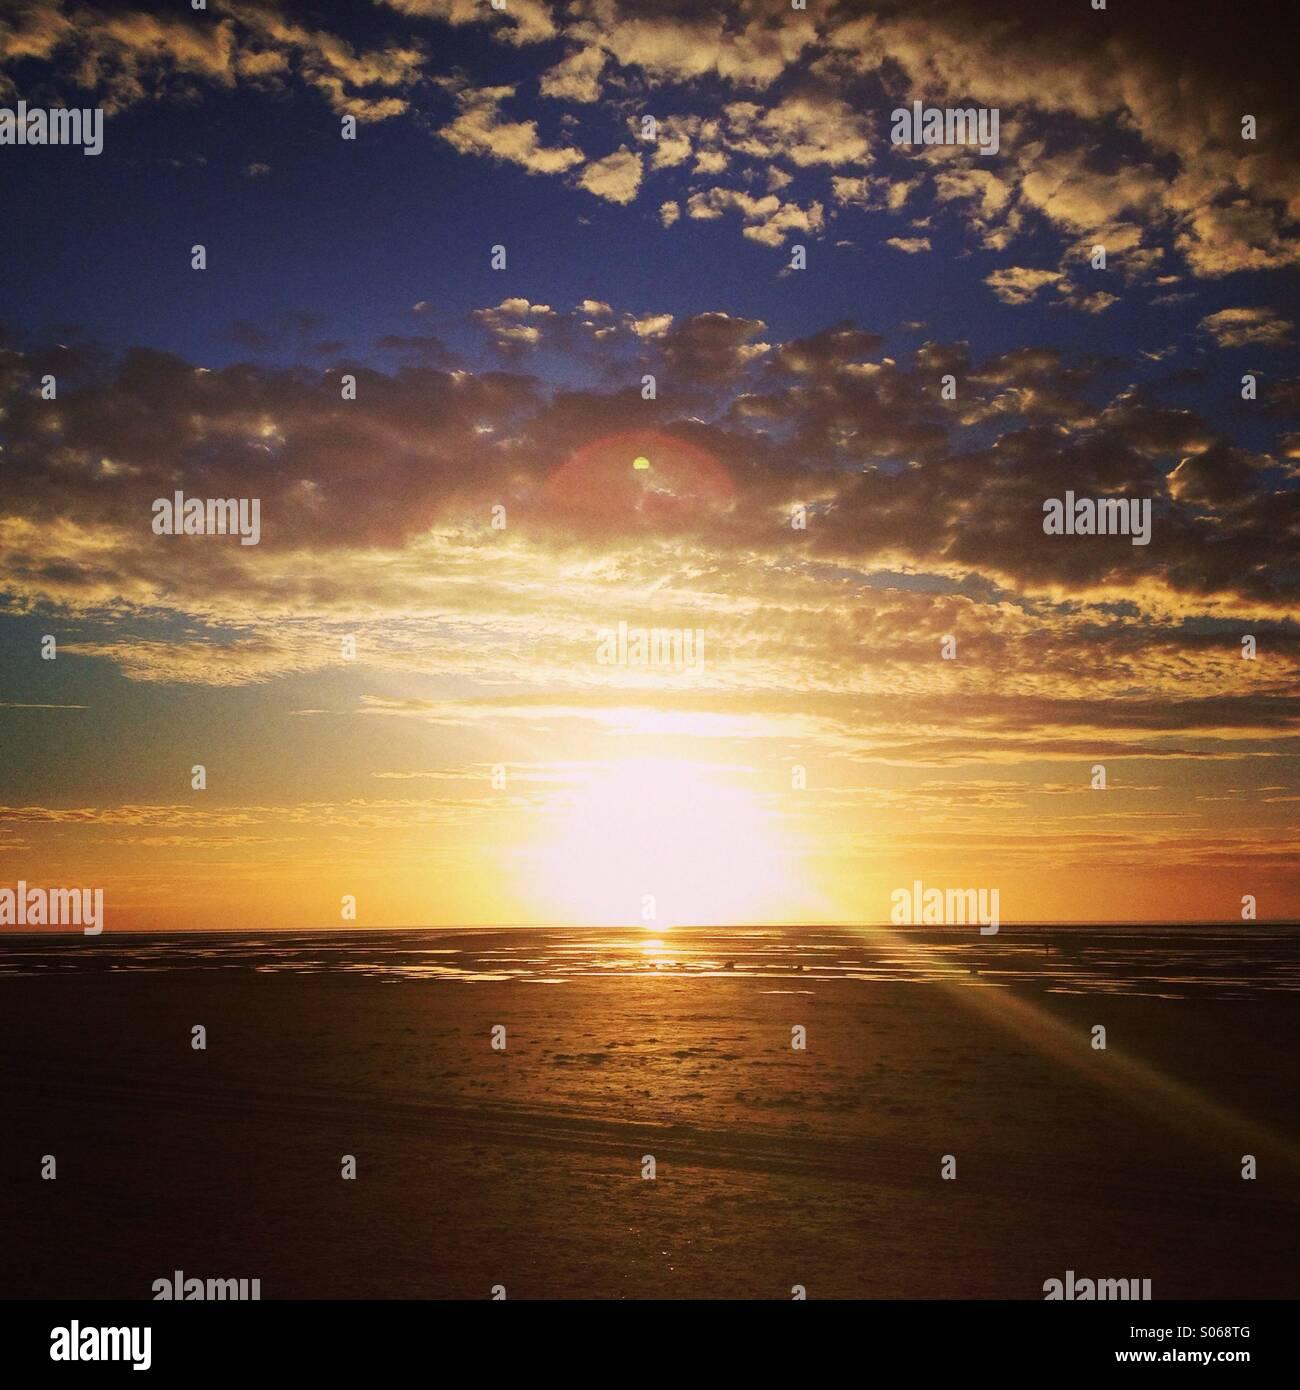 Puesta de sol sobre la Bahía de Liverpool, Inglaterra. Imagen De Stock